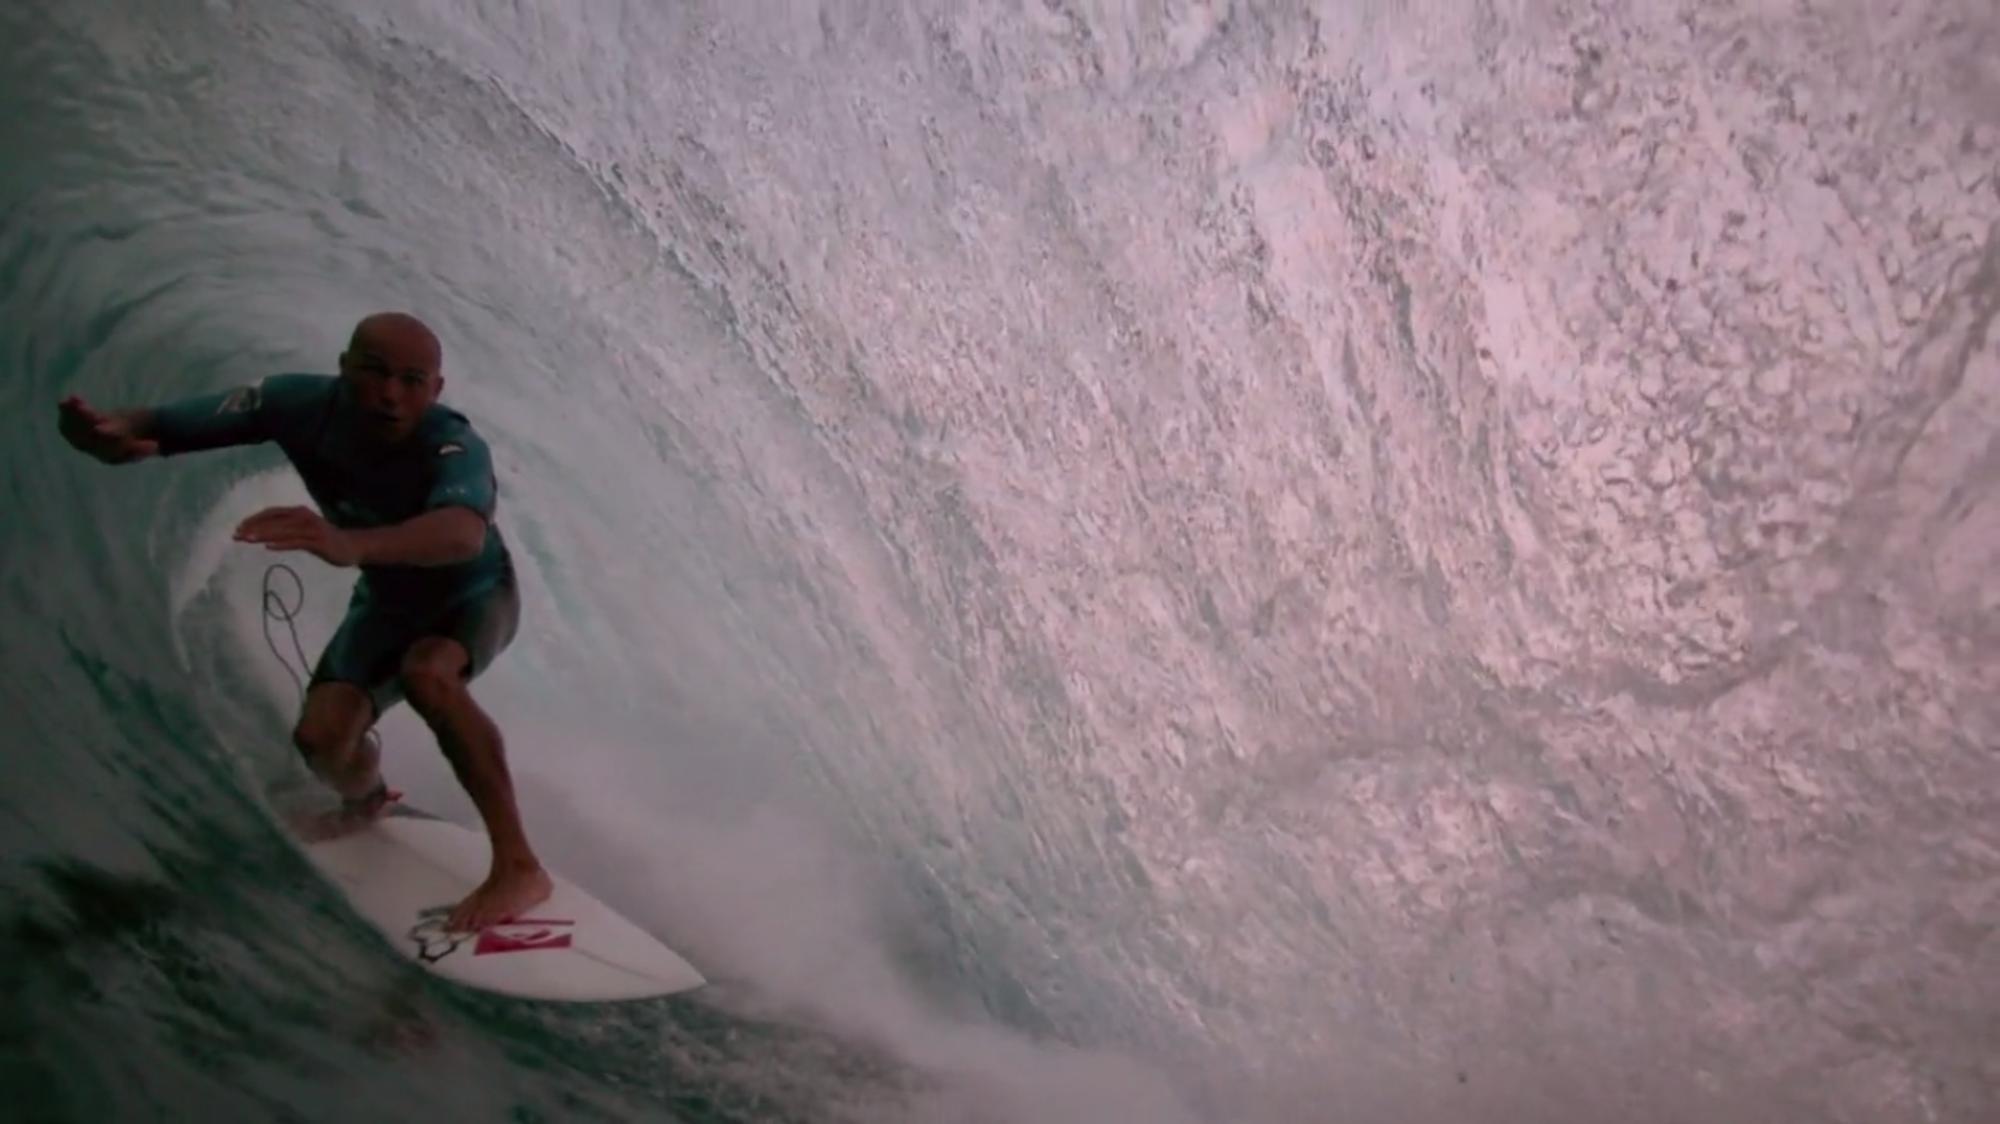 Les Fotograf laget utrolig surfevideo med kamera til over 900 000 kroner